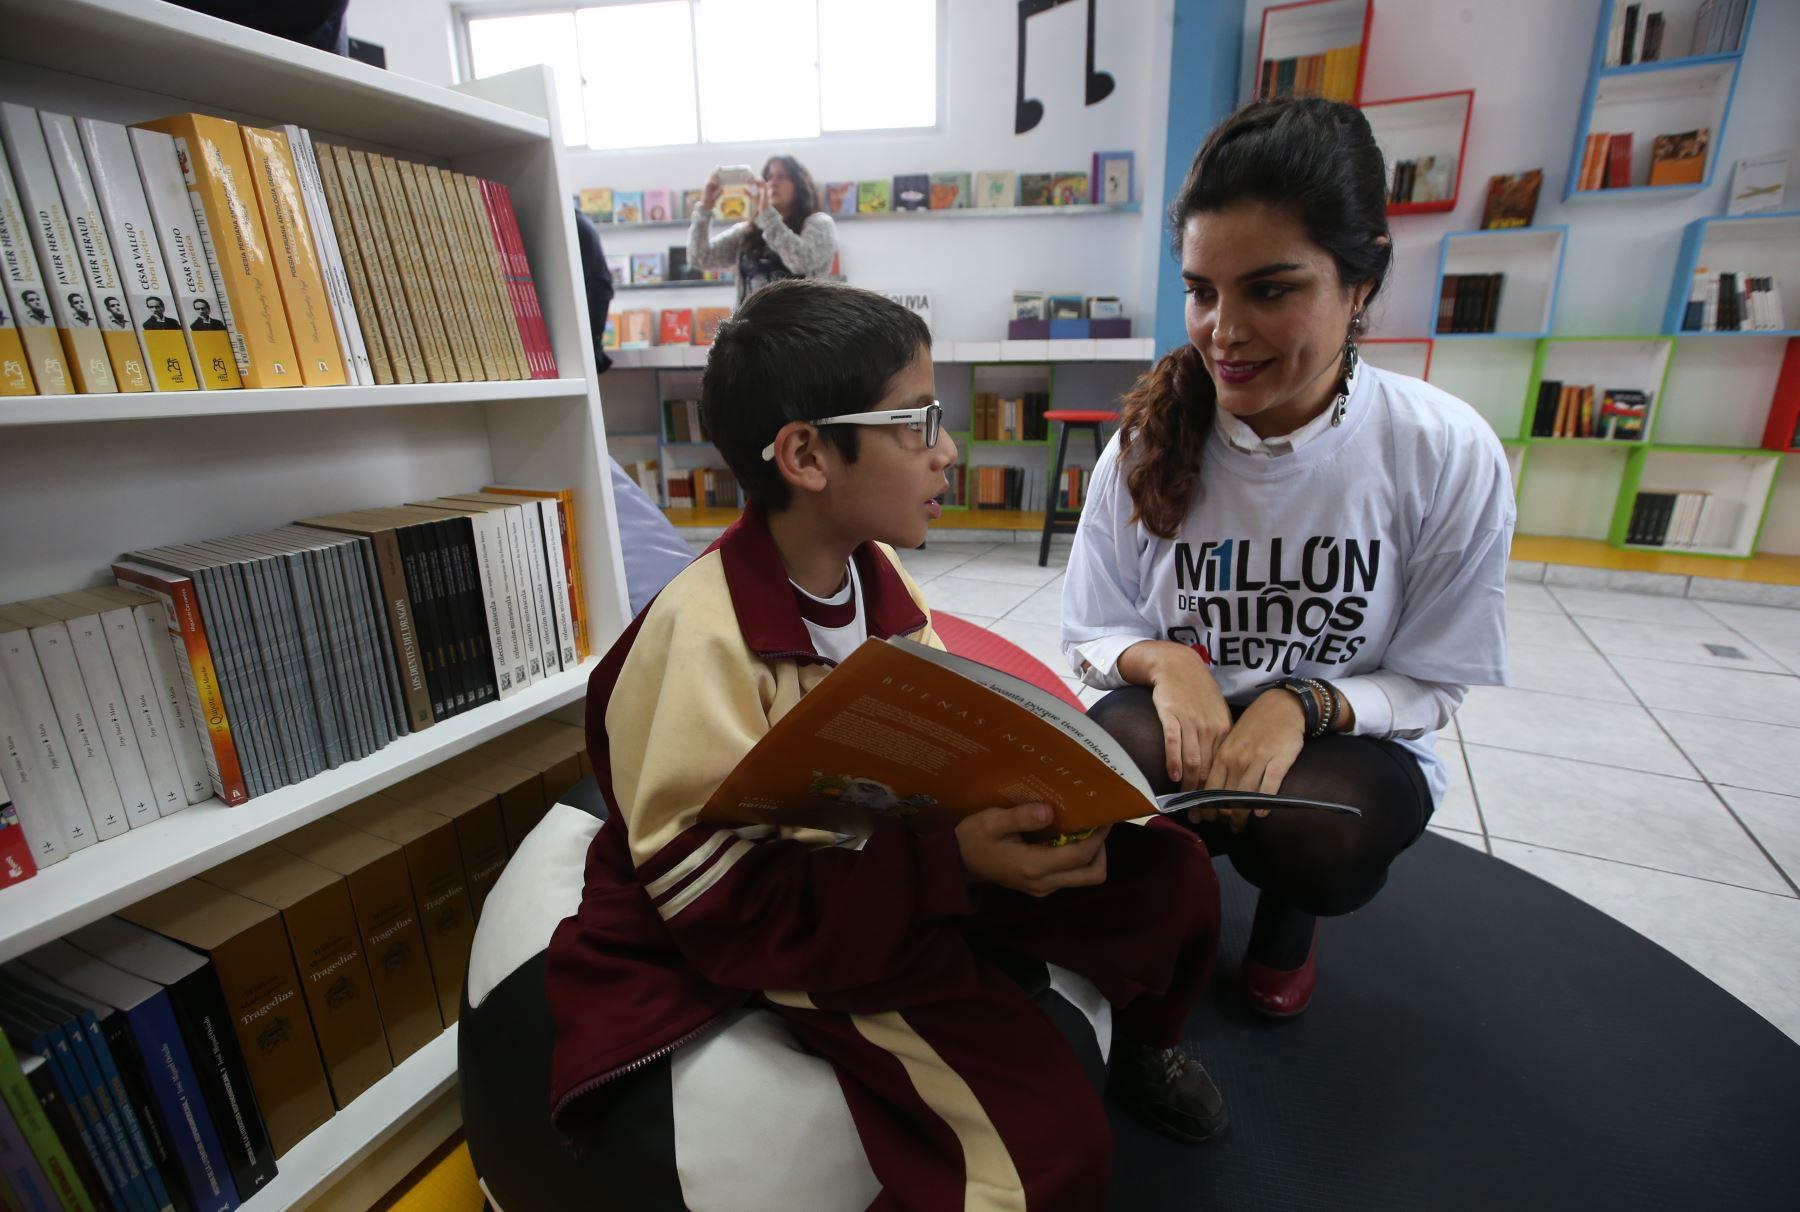 Primera red de bibliotecas escolares busca que la lectura sea una actividad placentera para los alumnos. ANDINA/Juan Carlos Guzmán